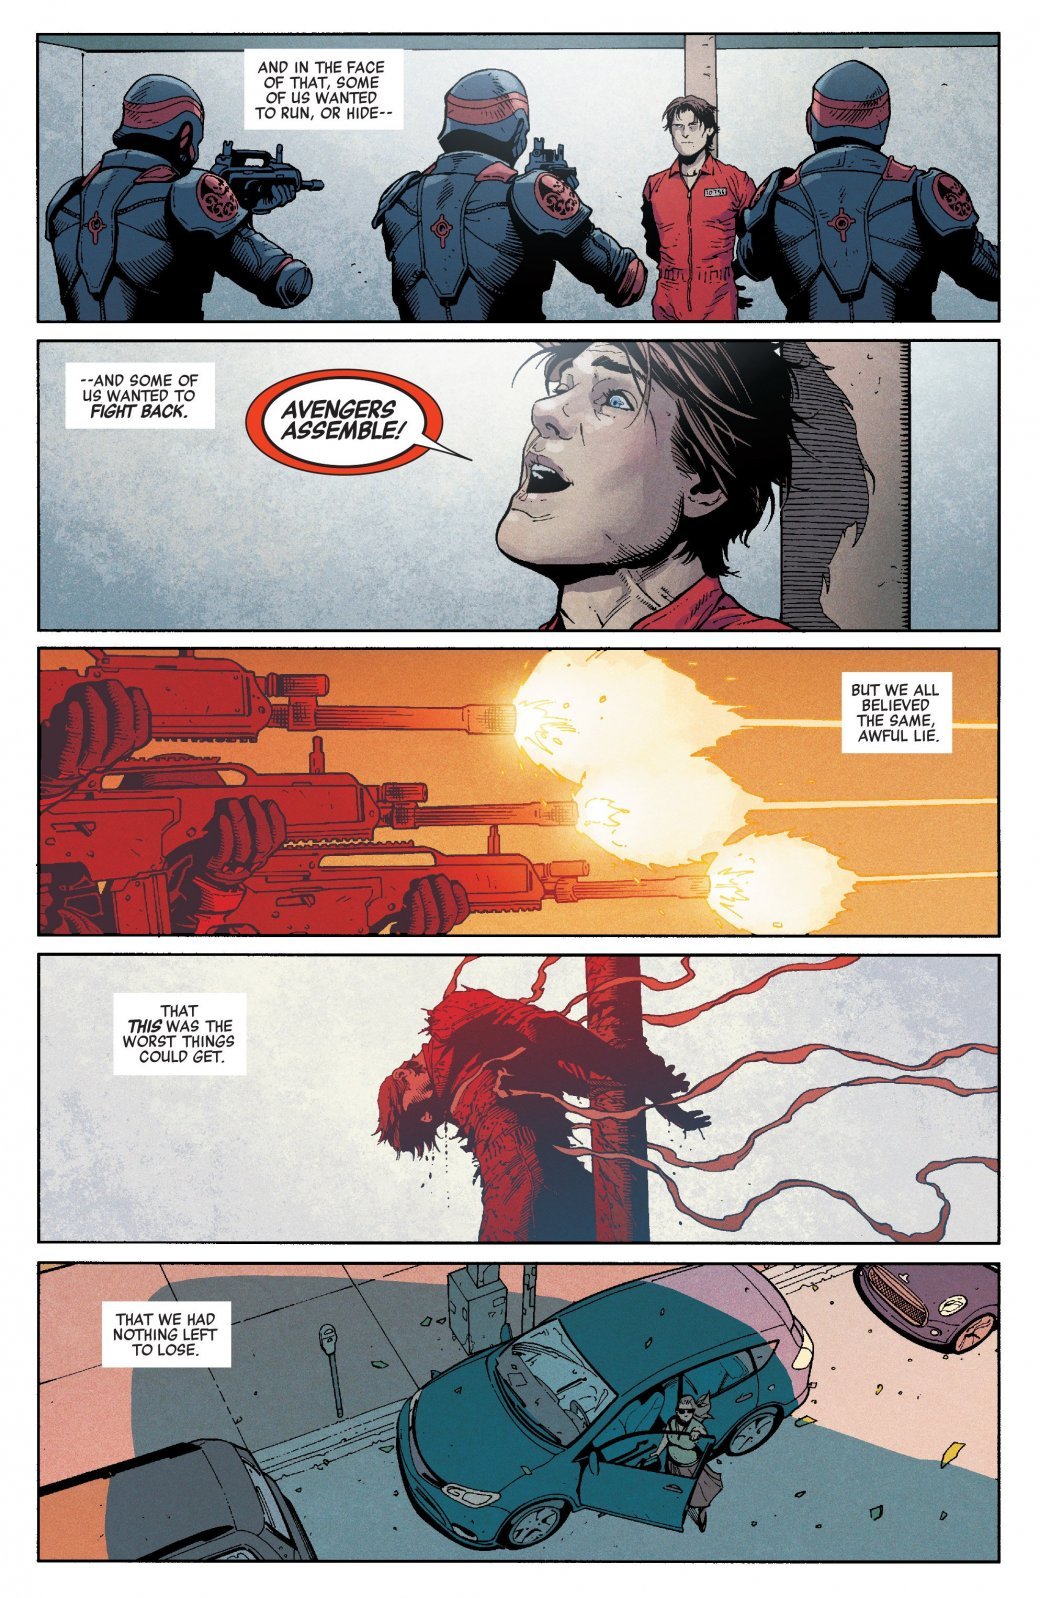 Пропаганда и концлагеря. Во что Гидра и Капитан Америка превратили США | Канобу - Изображение 20